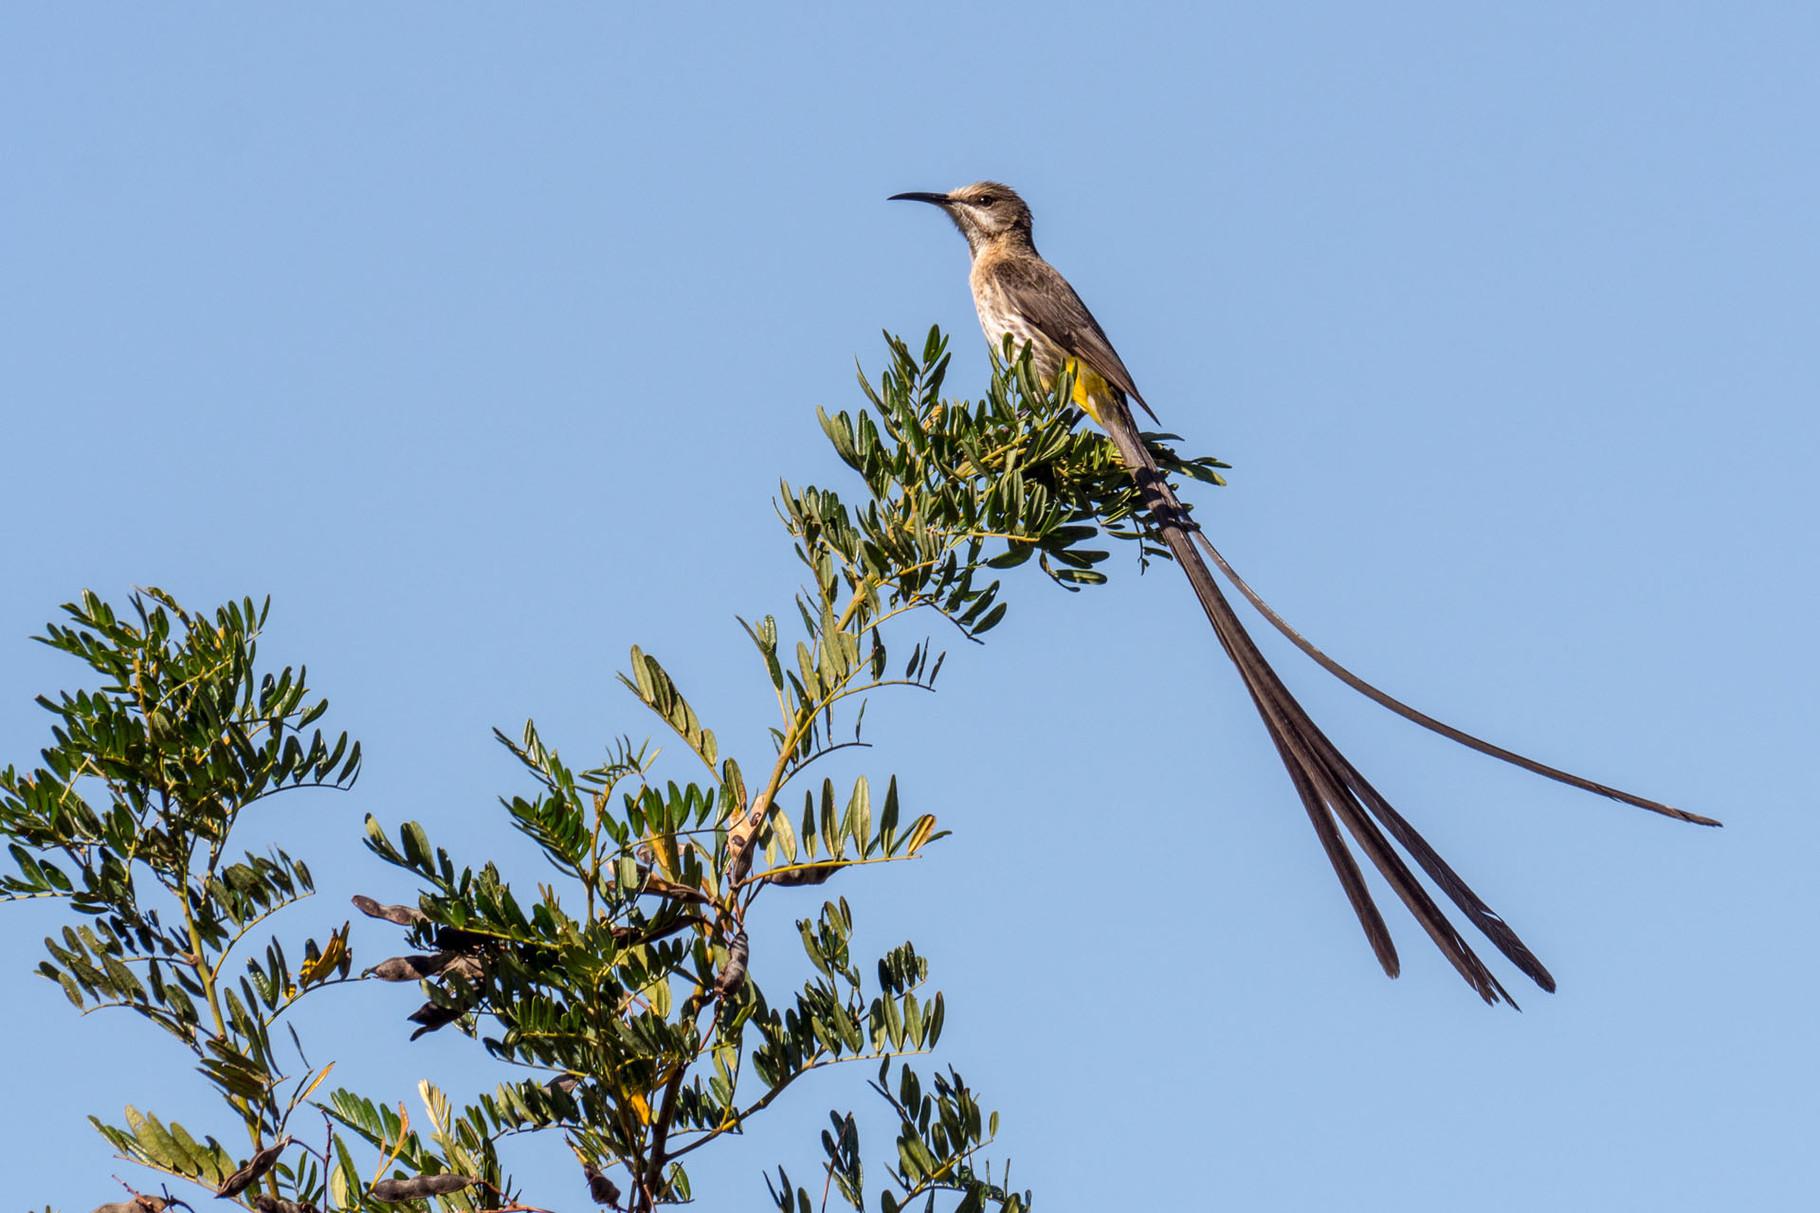 Bird, Table mountain, Cape Town